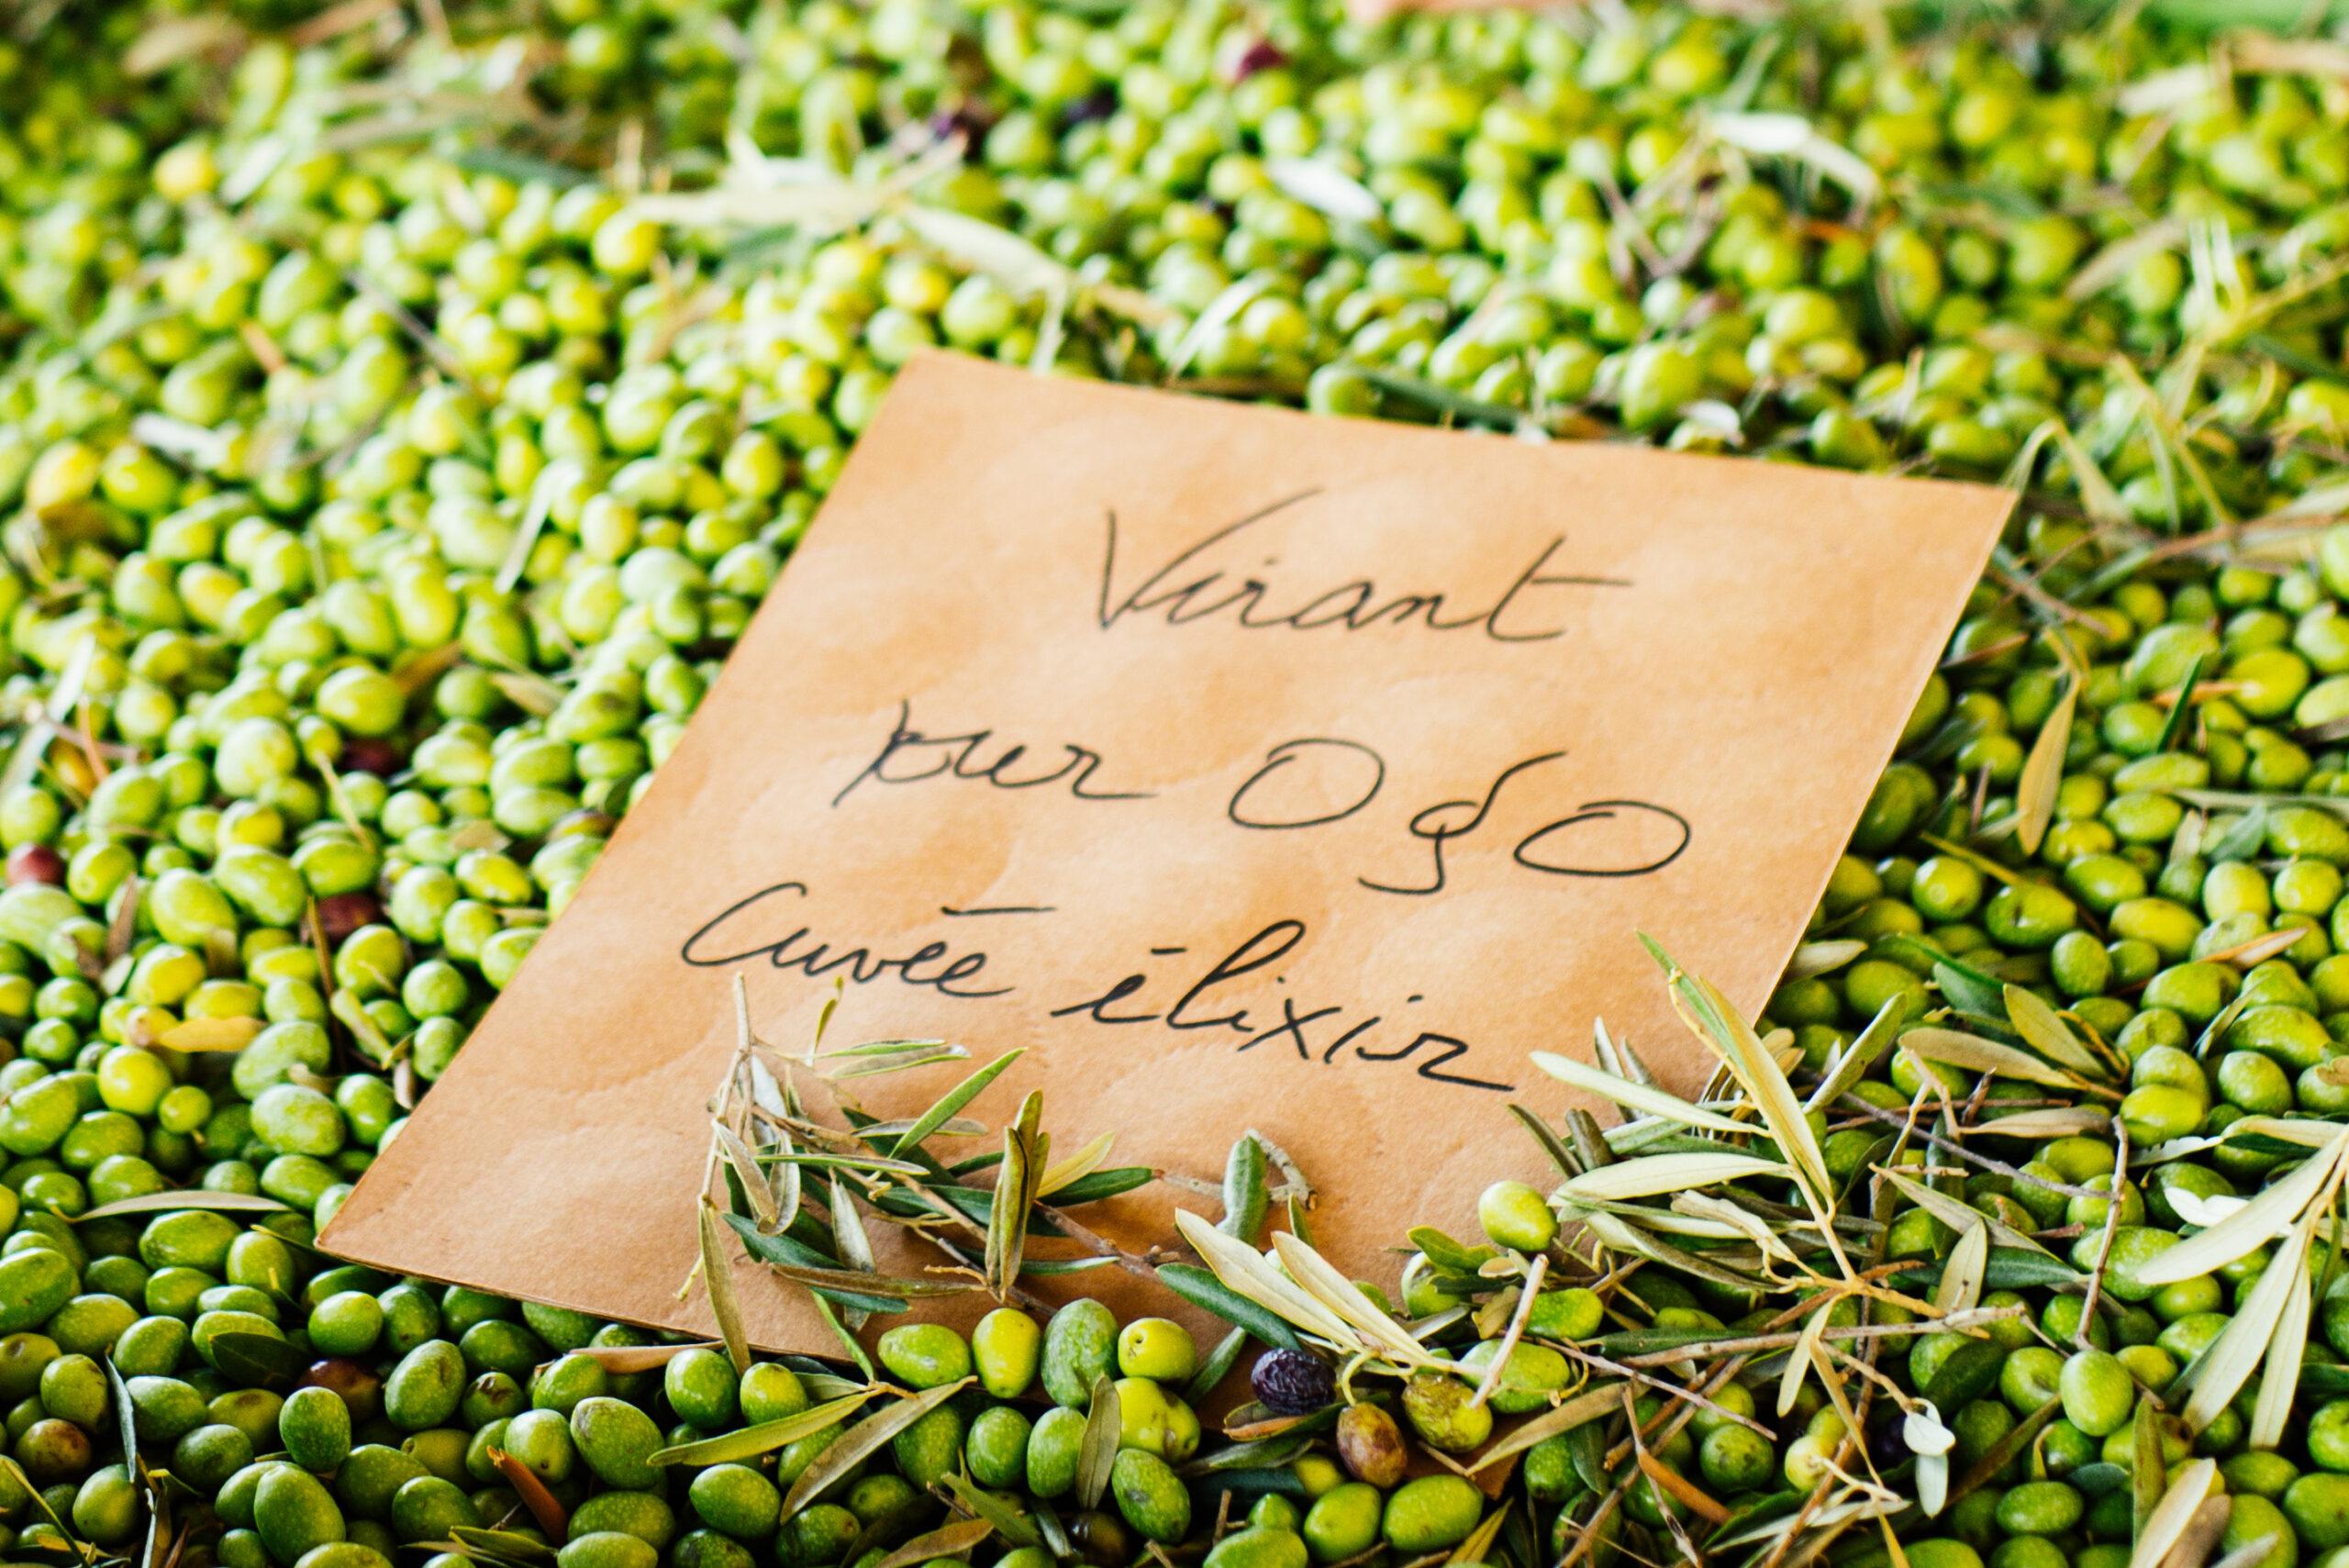 Oliviers & co olivenoliesmagning